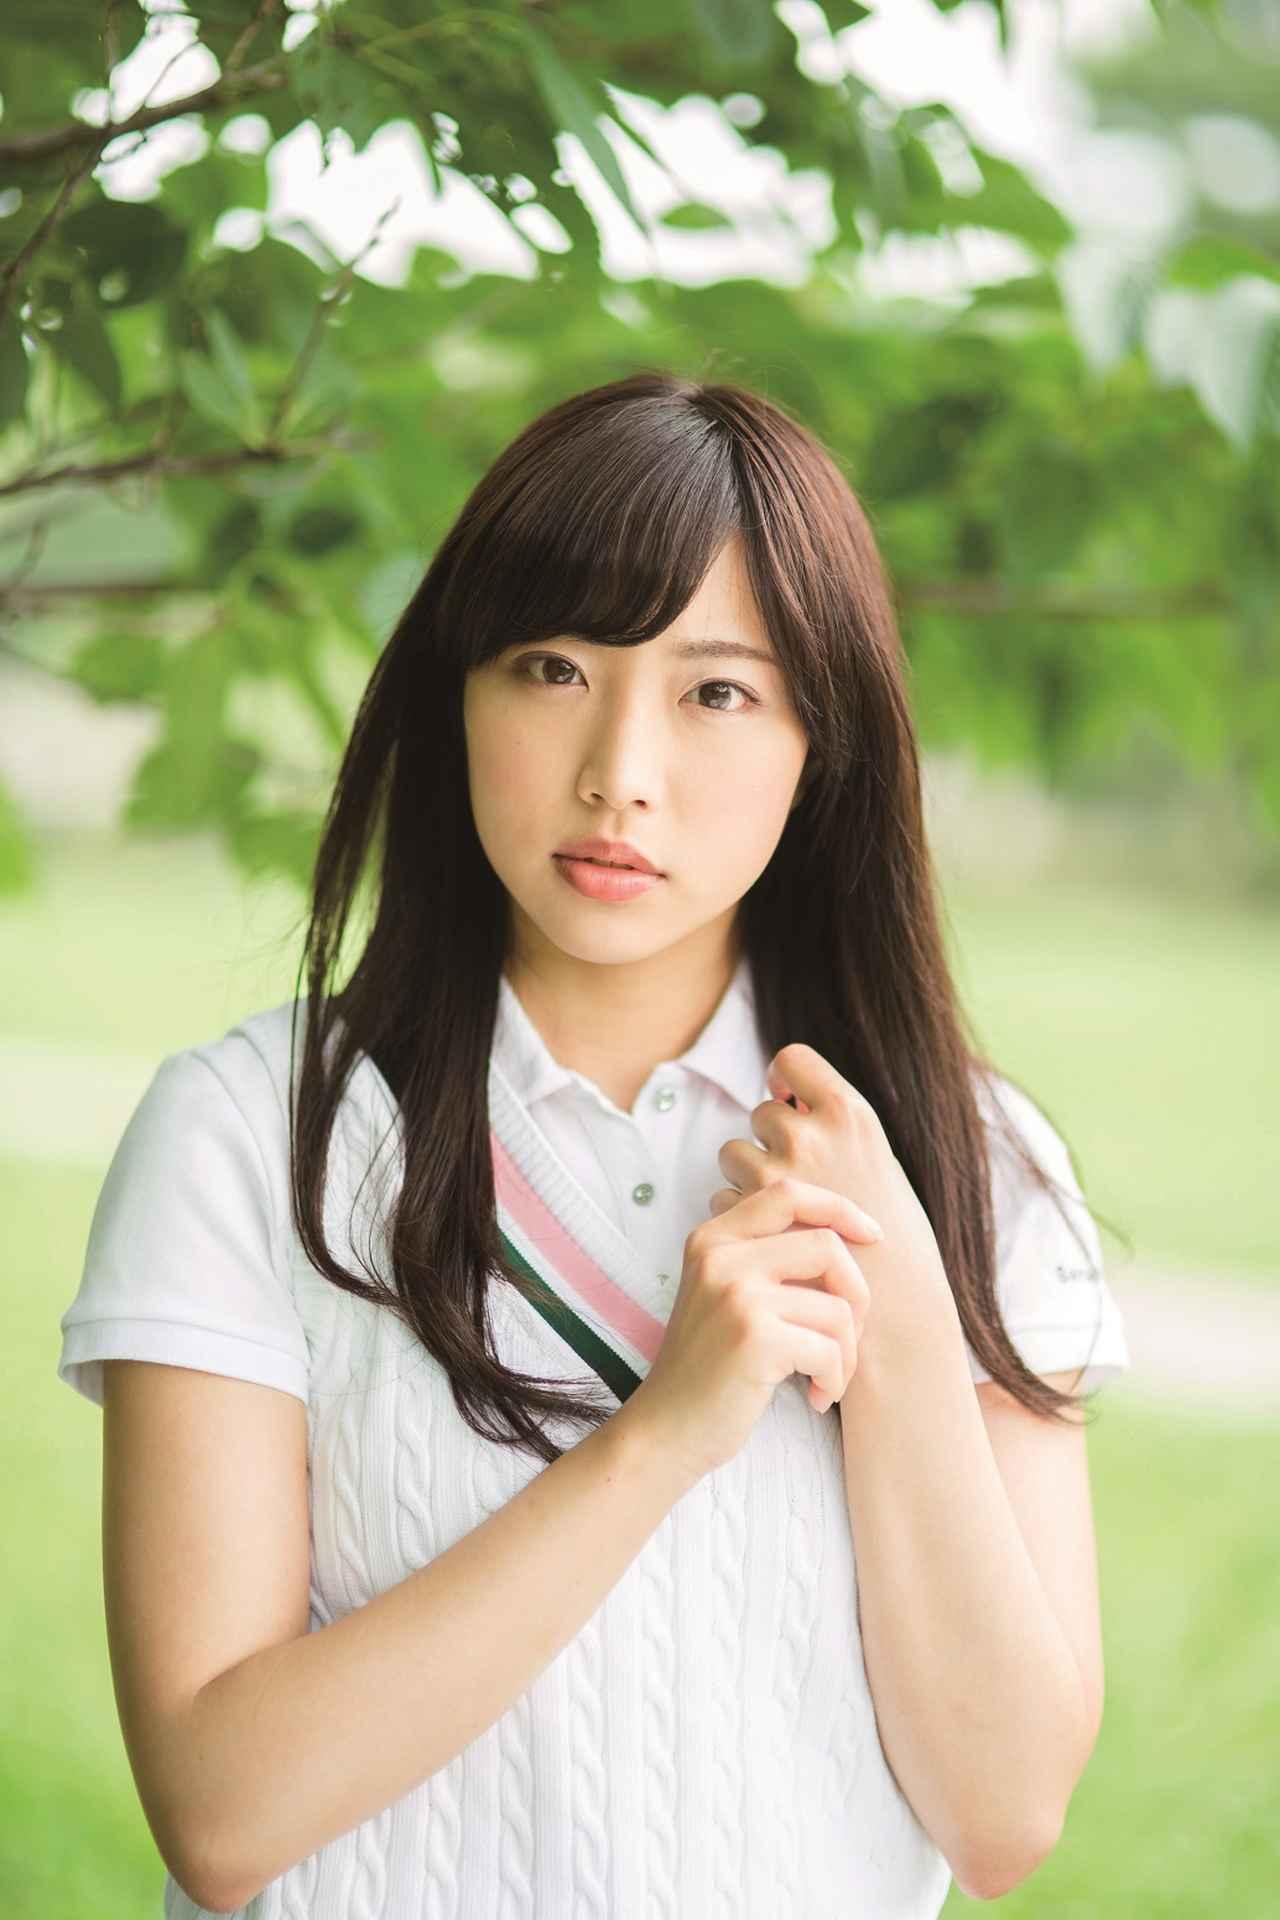 画像: あつみ・ゆりえ、1995年5月21日生まれ。165センチ・B81・W61・H86